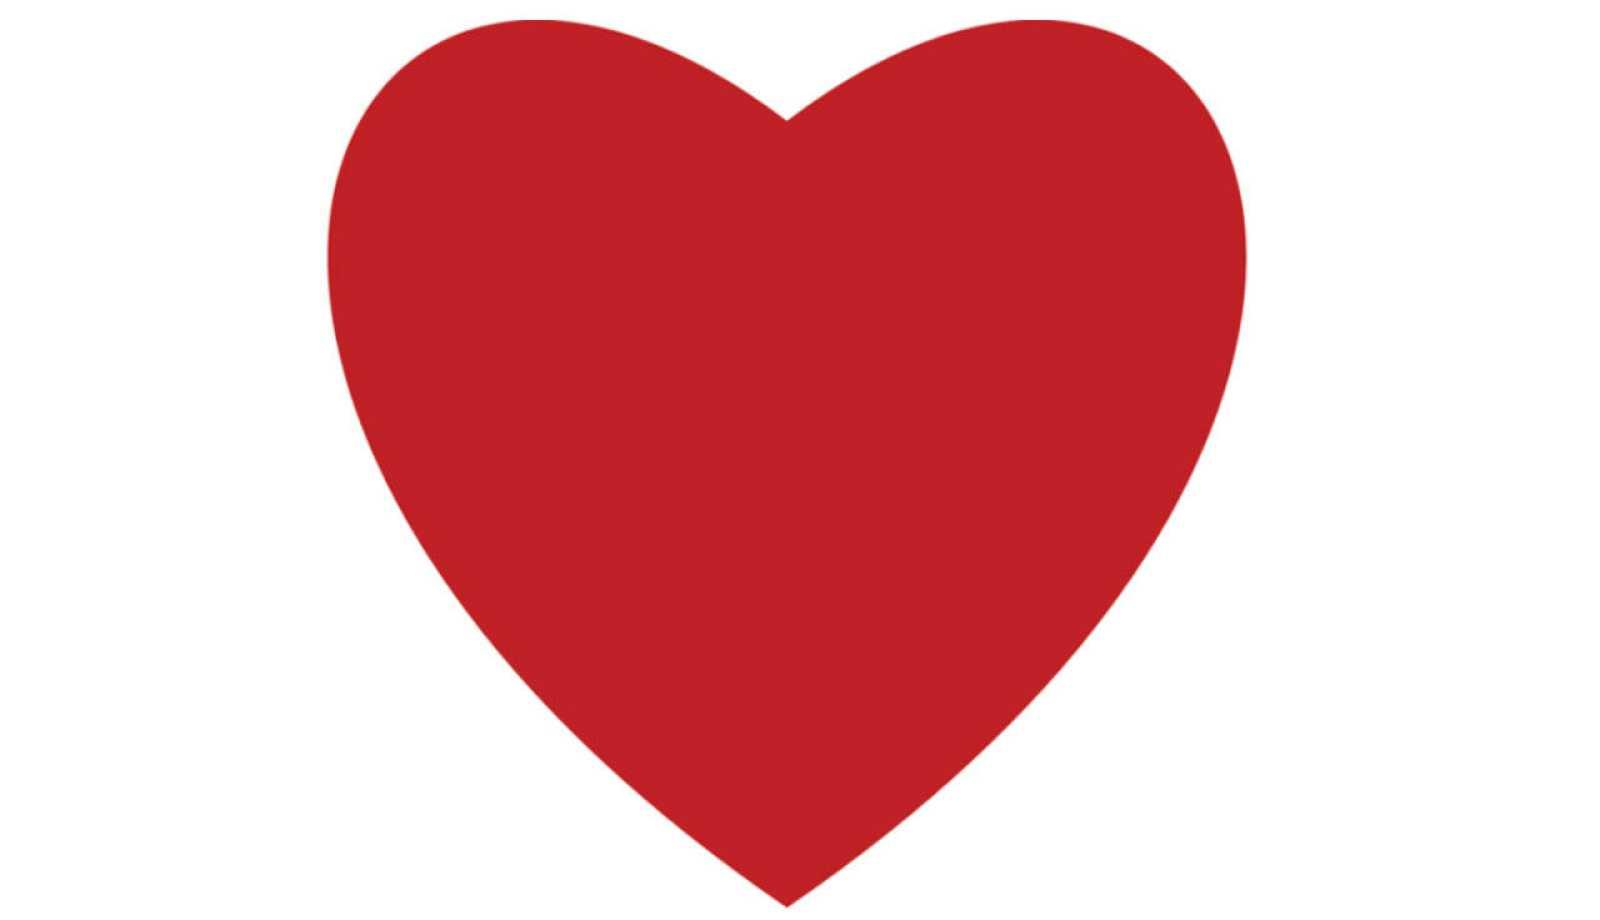 Un corazón sustituye a la estrella para marcar favoritos